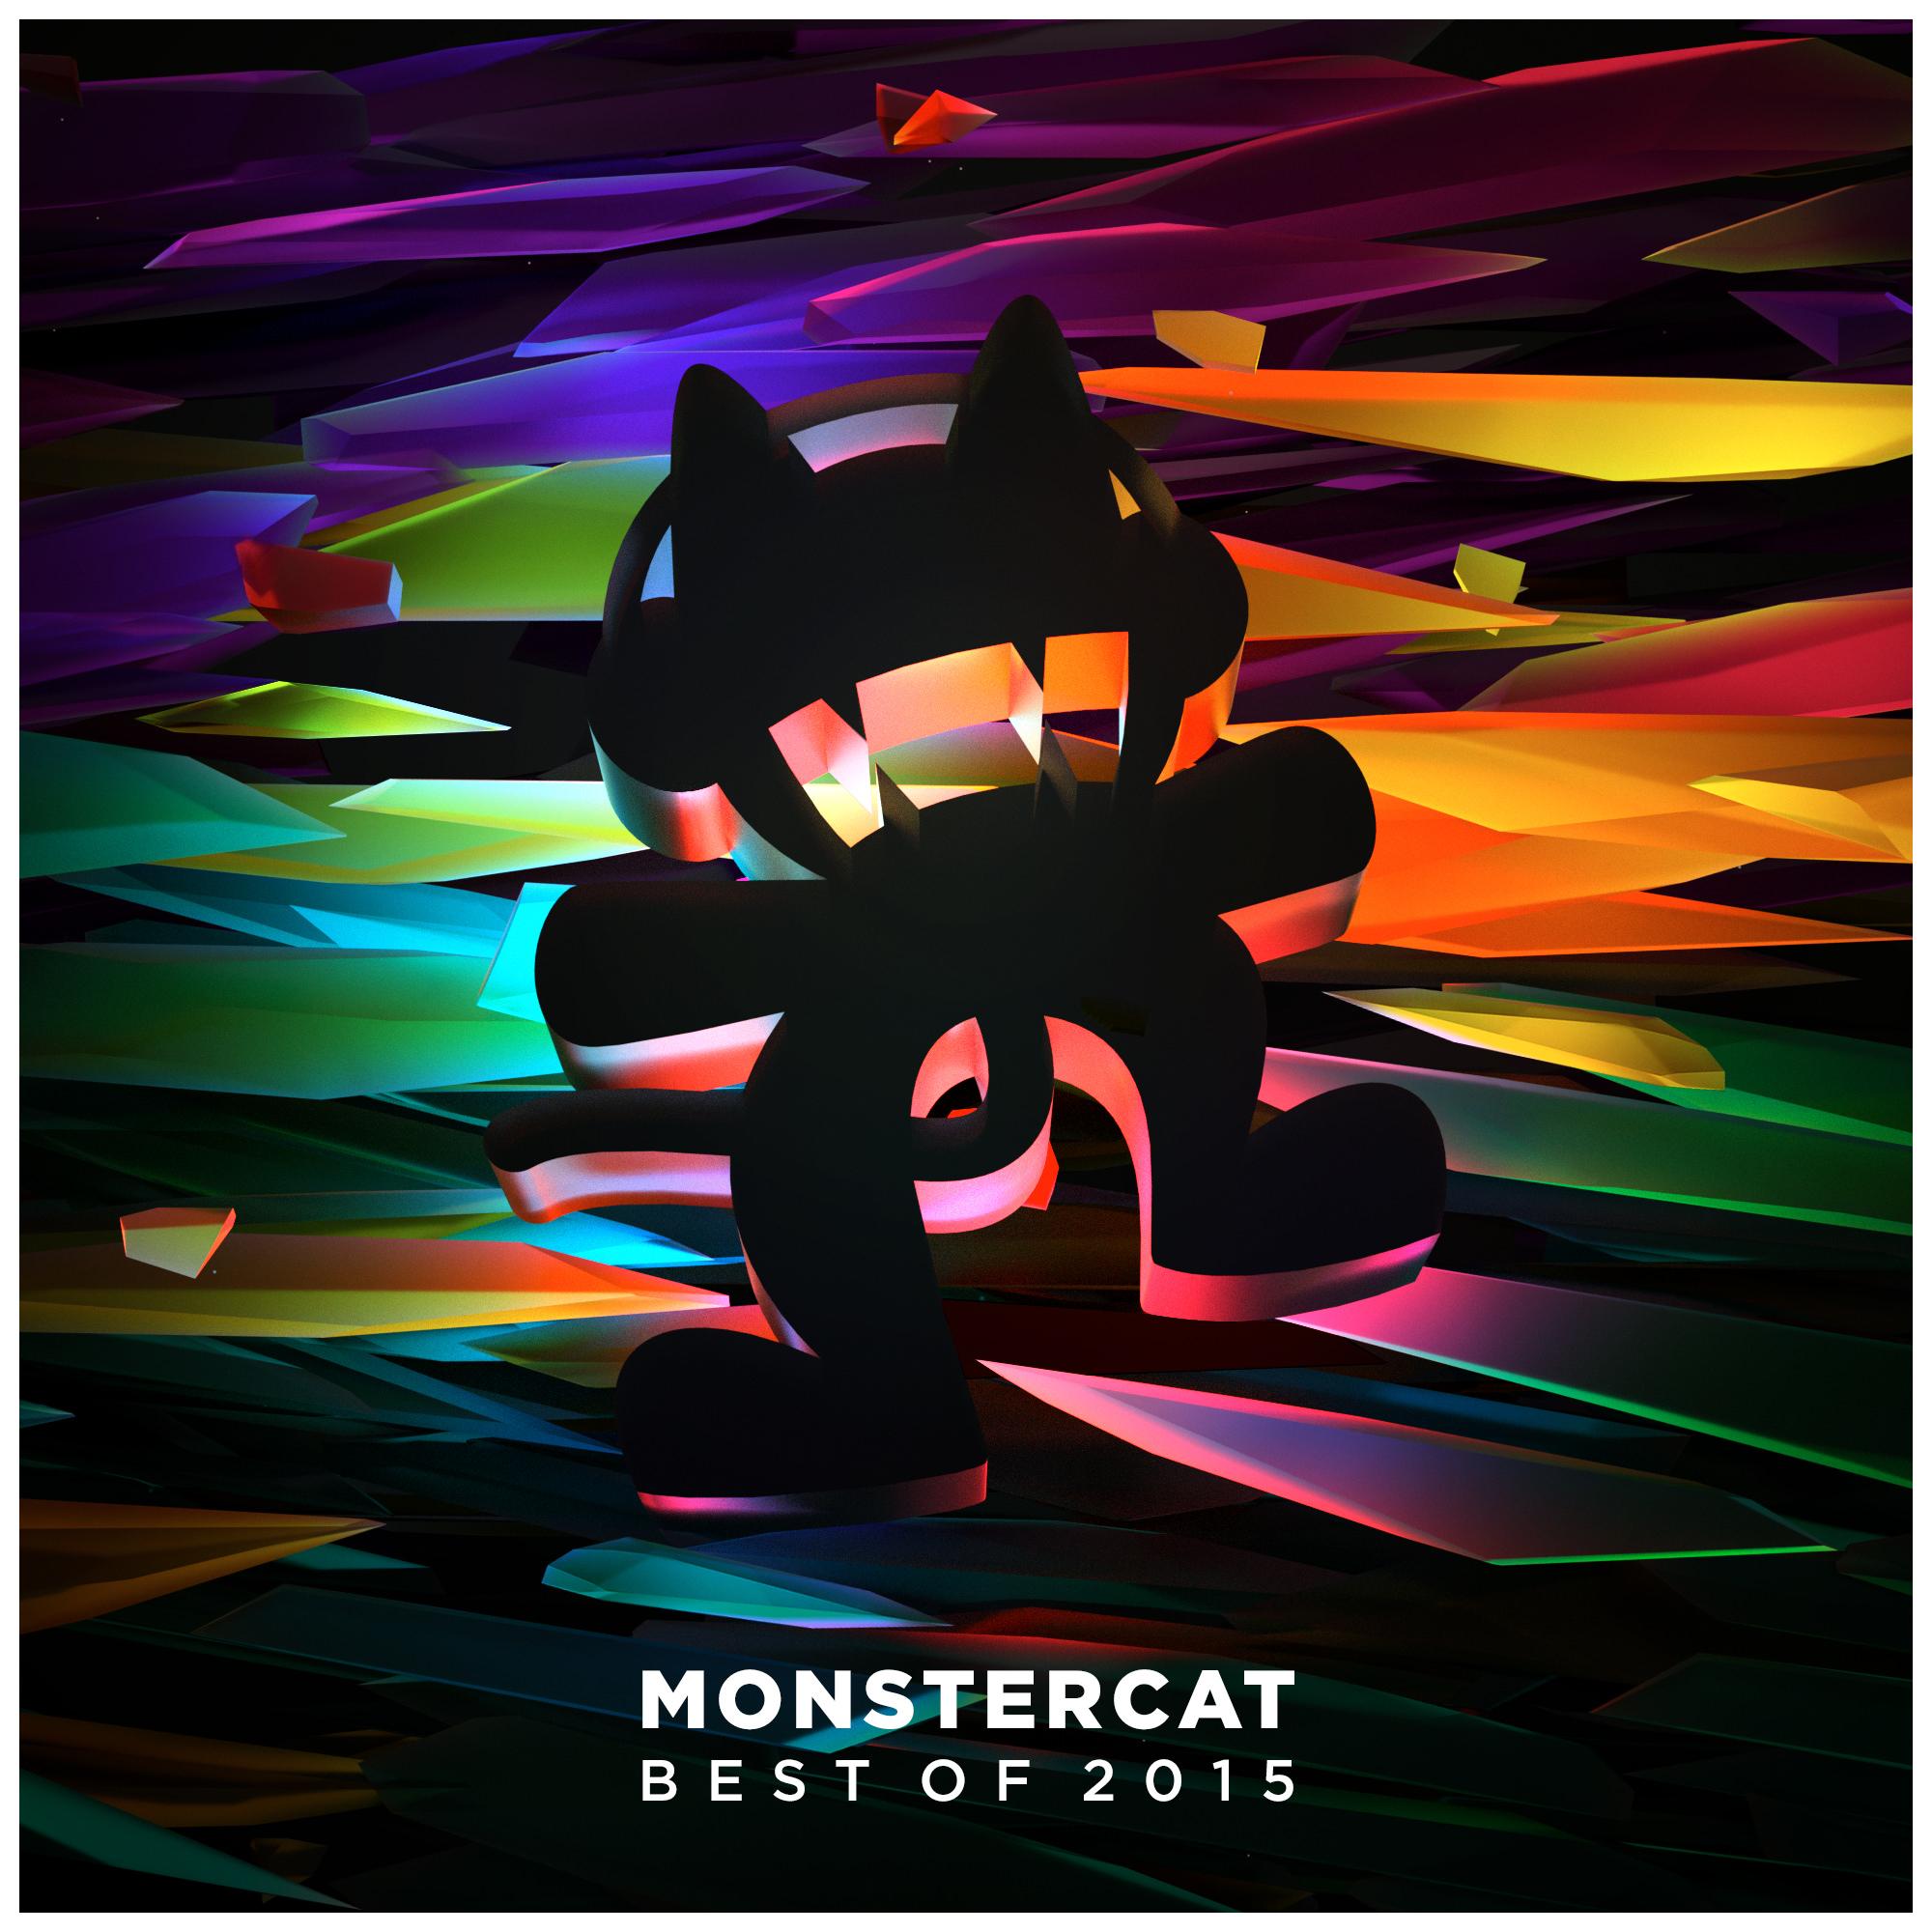 Monstercat - Best of 2015 | Monstercat Wiki | FANDOM powered